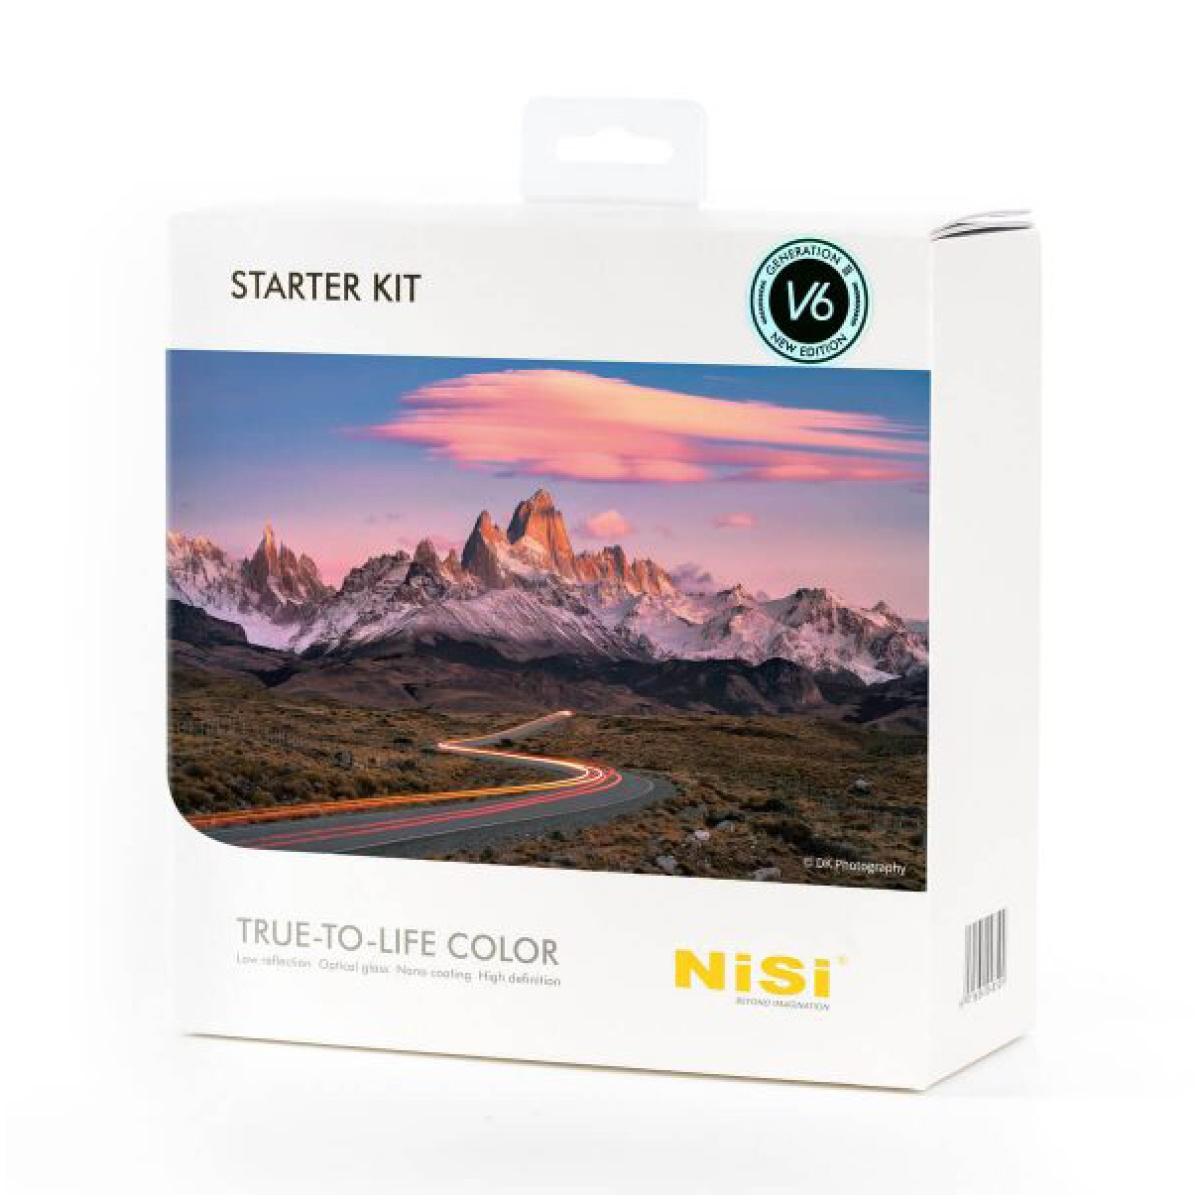 Nisi Starter Kit V6 (Serie III)